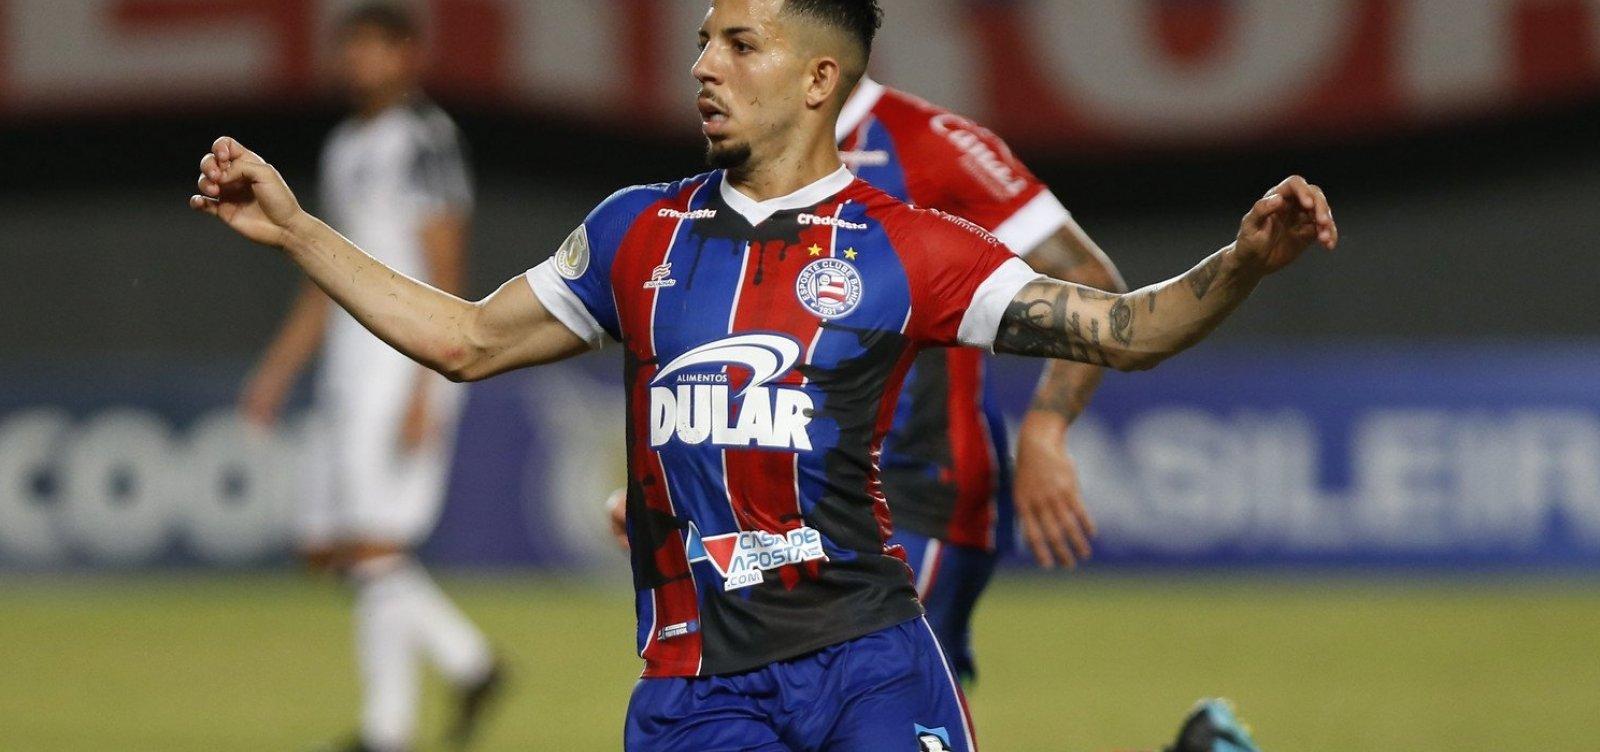 'Desatenção da equipe toda', avalia Flávio após derrota do Bahia para o Internacional